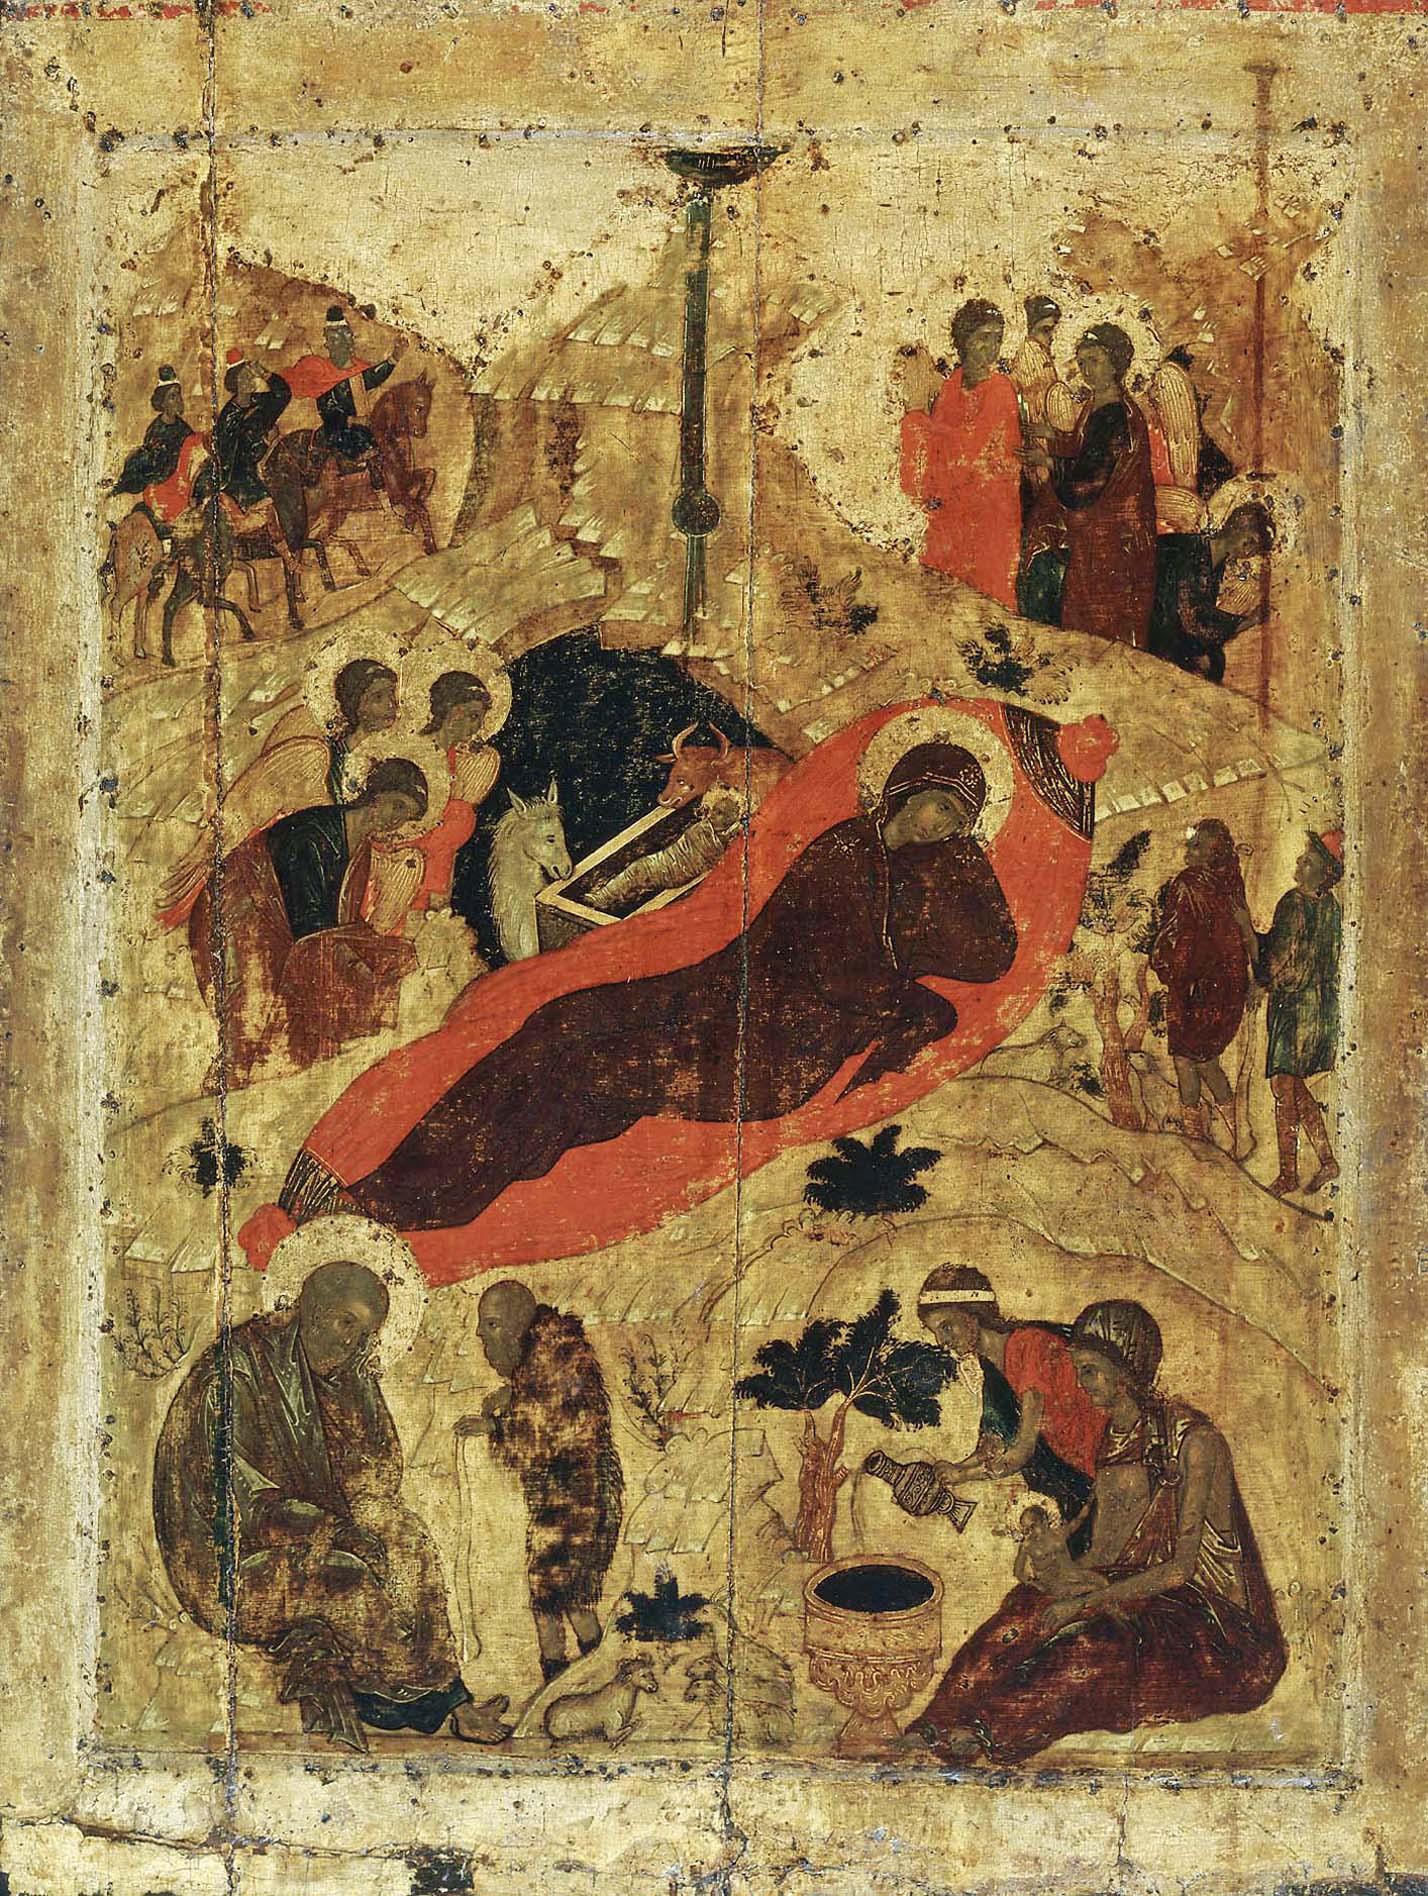 Рождество Христово. Икона Андрея Рублева, 1405 год. Благовещенский собор Московского Кремля